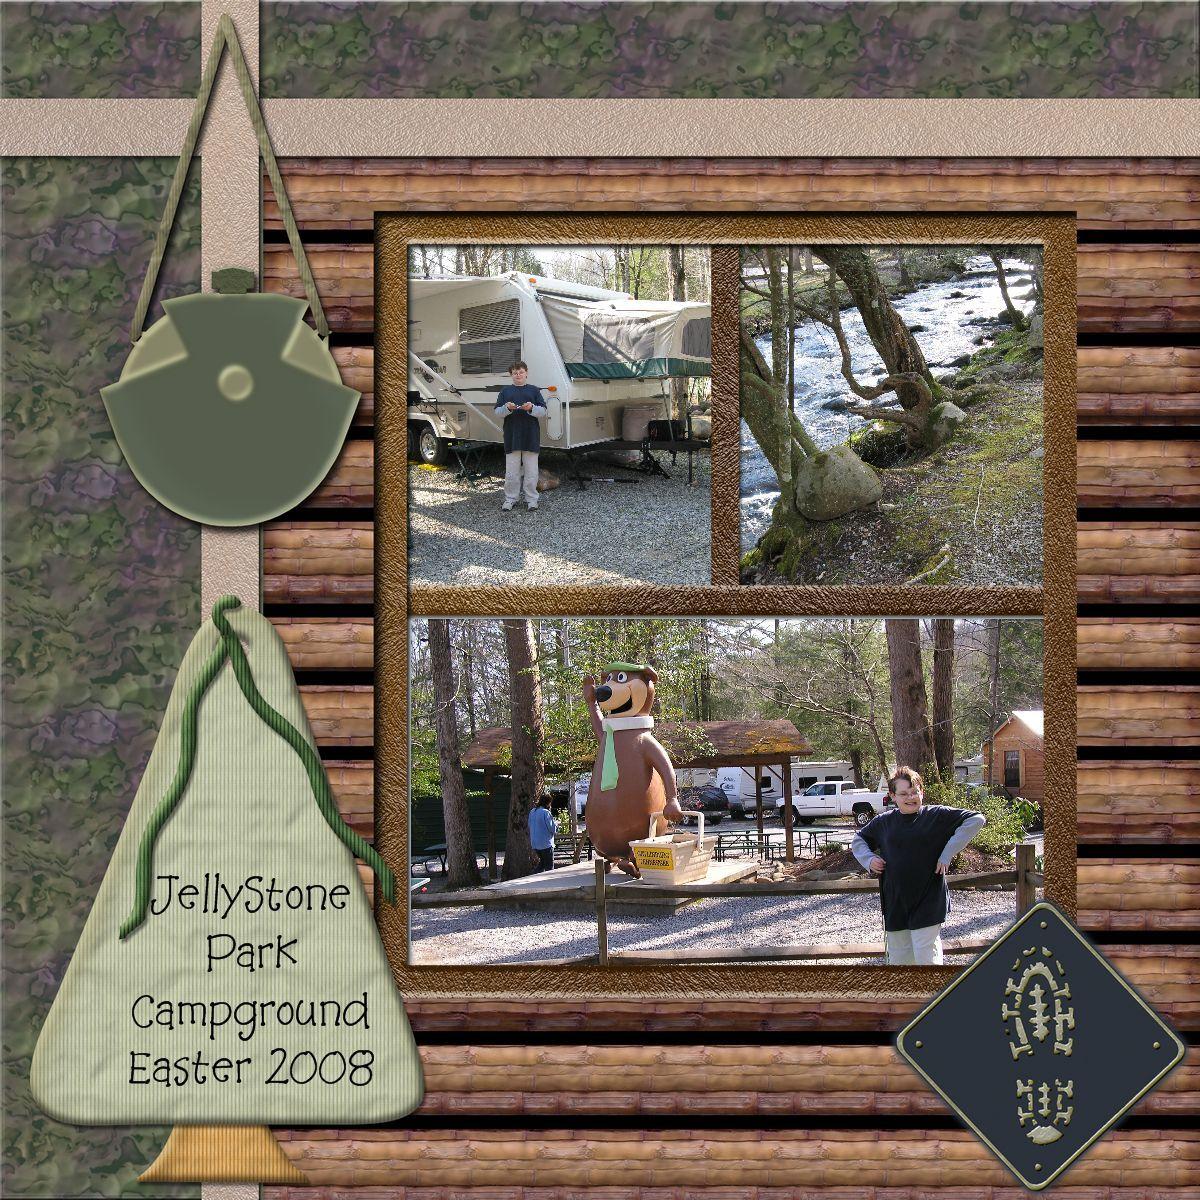 Girl scout scrapbook ideas - Jellystone Scrapbook Page Idea